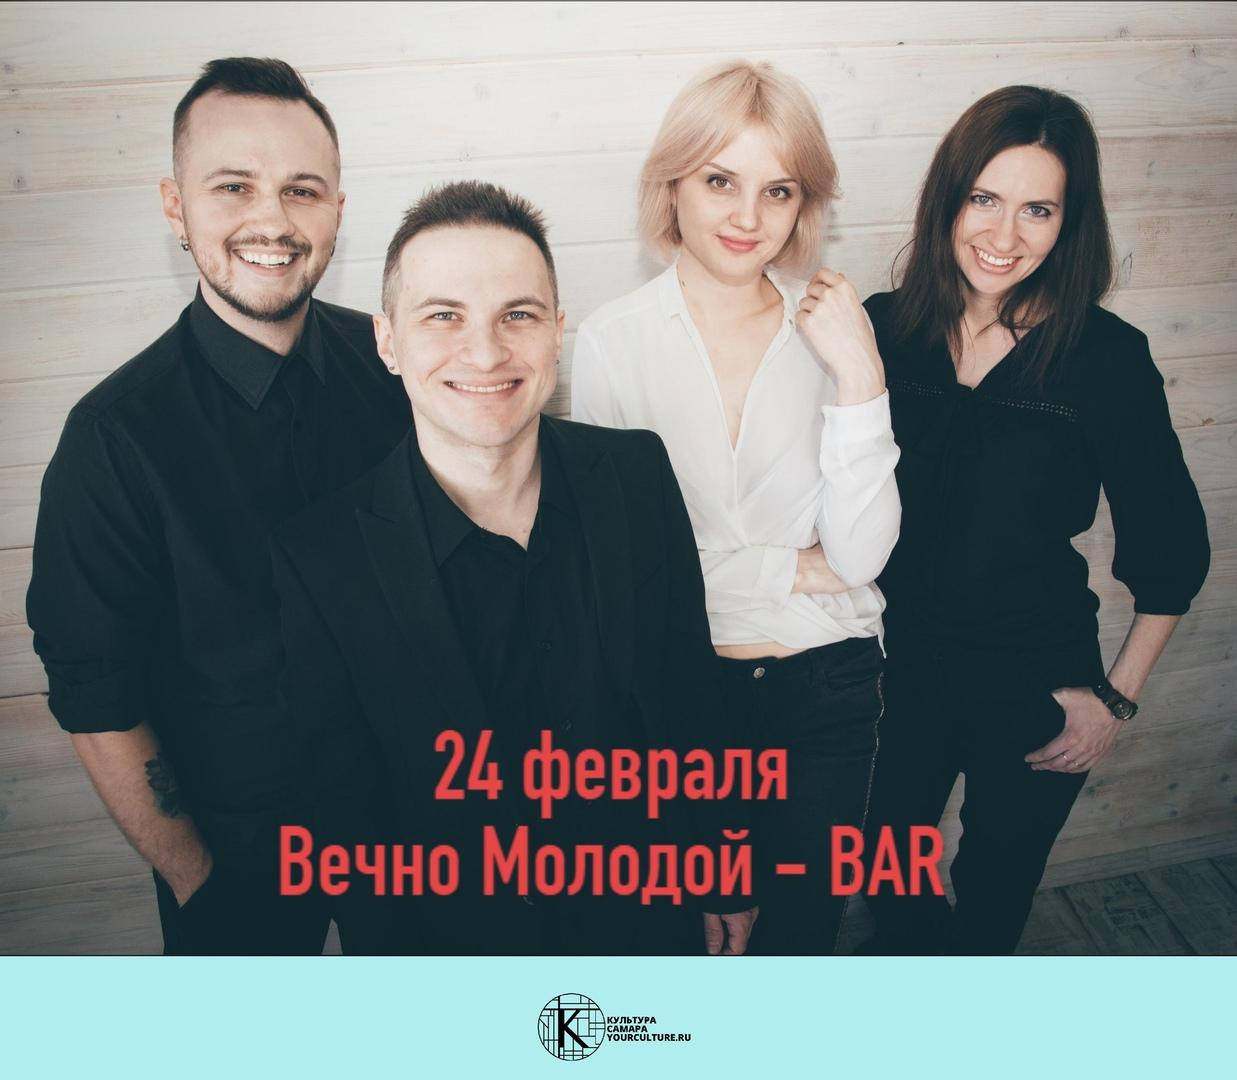 Василий Походун Band в ВЕЧНО МОЛОДОЙ - BAR